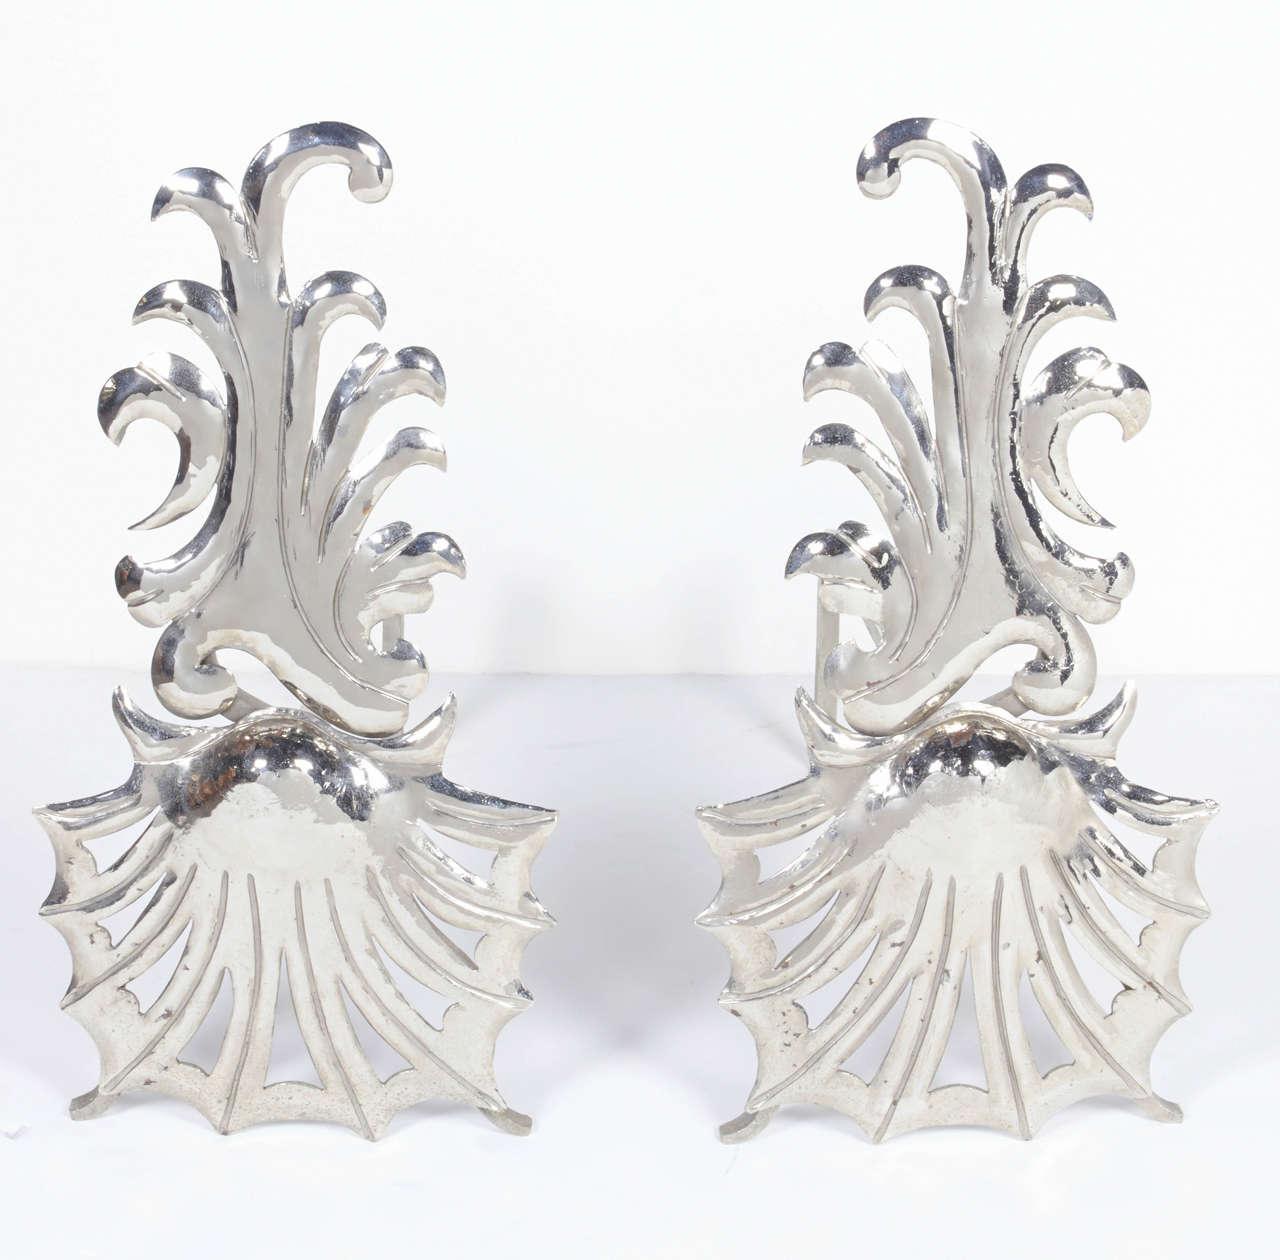 Pair of Elegant Hollywood Regency Fireplace Andirons 2